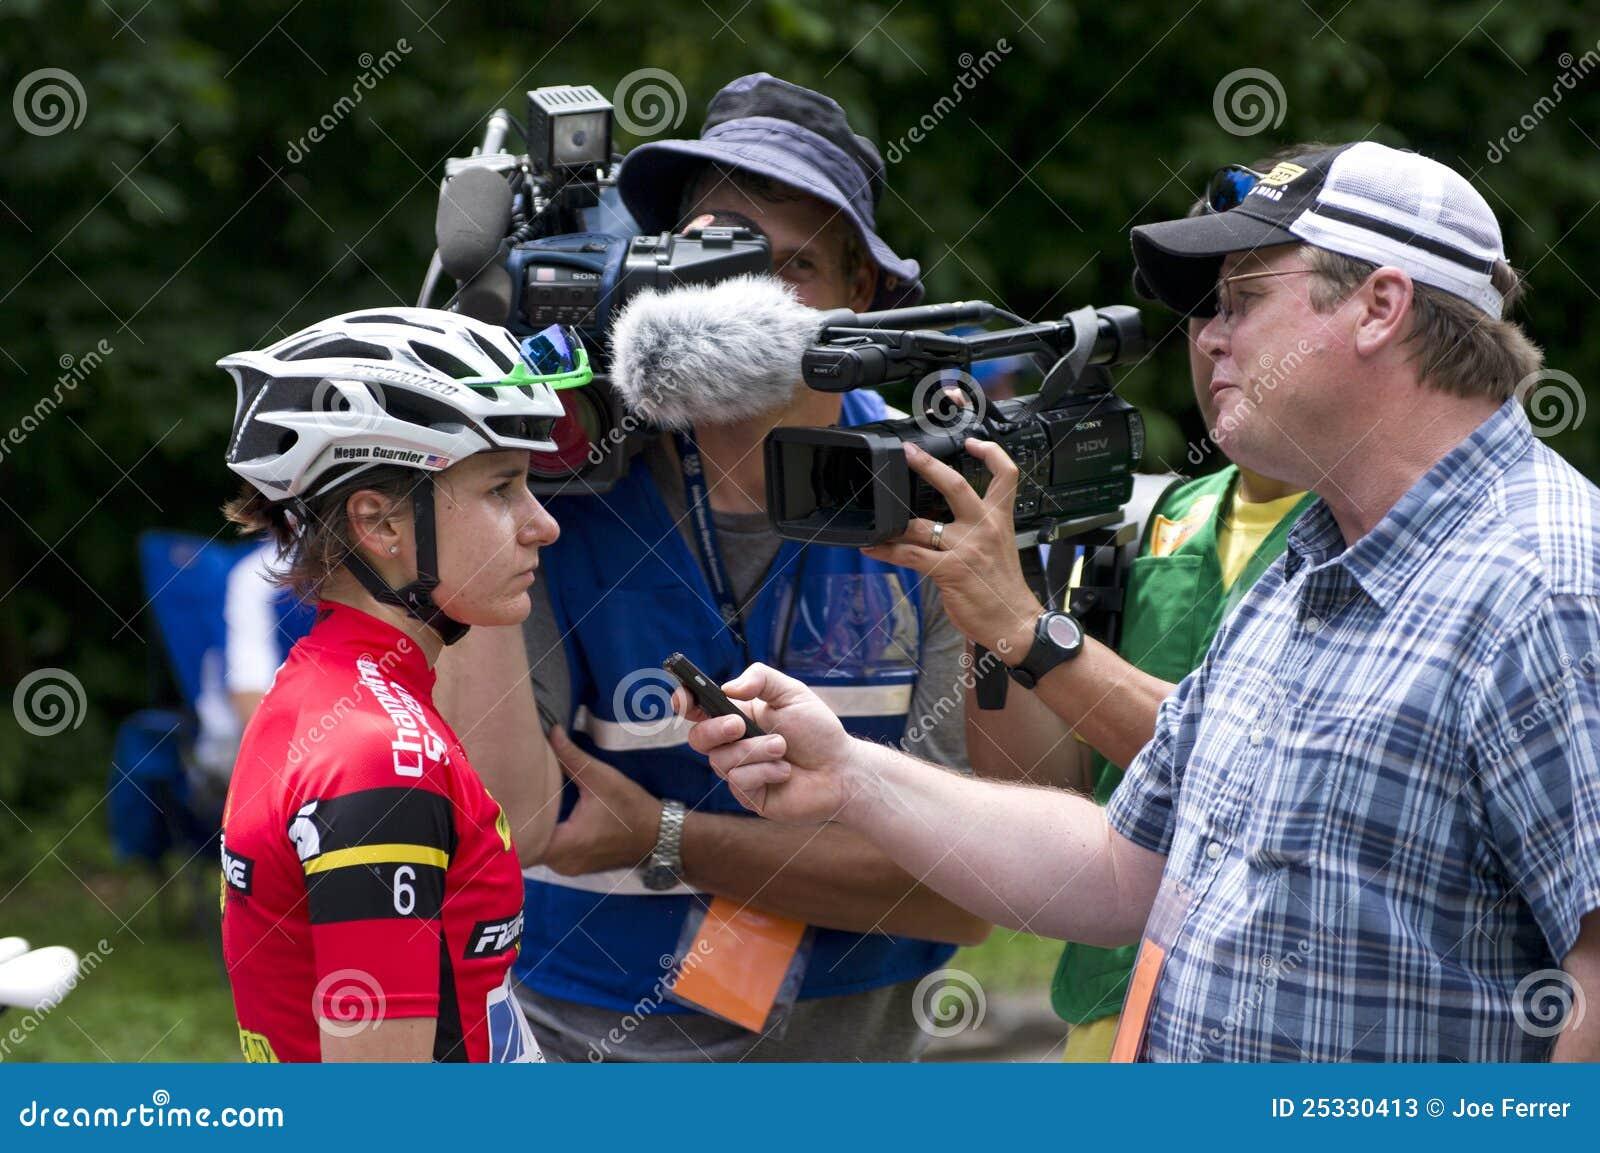 Le journaliste interviewe Guarnier